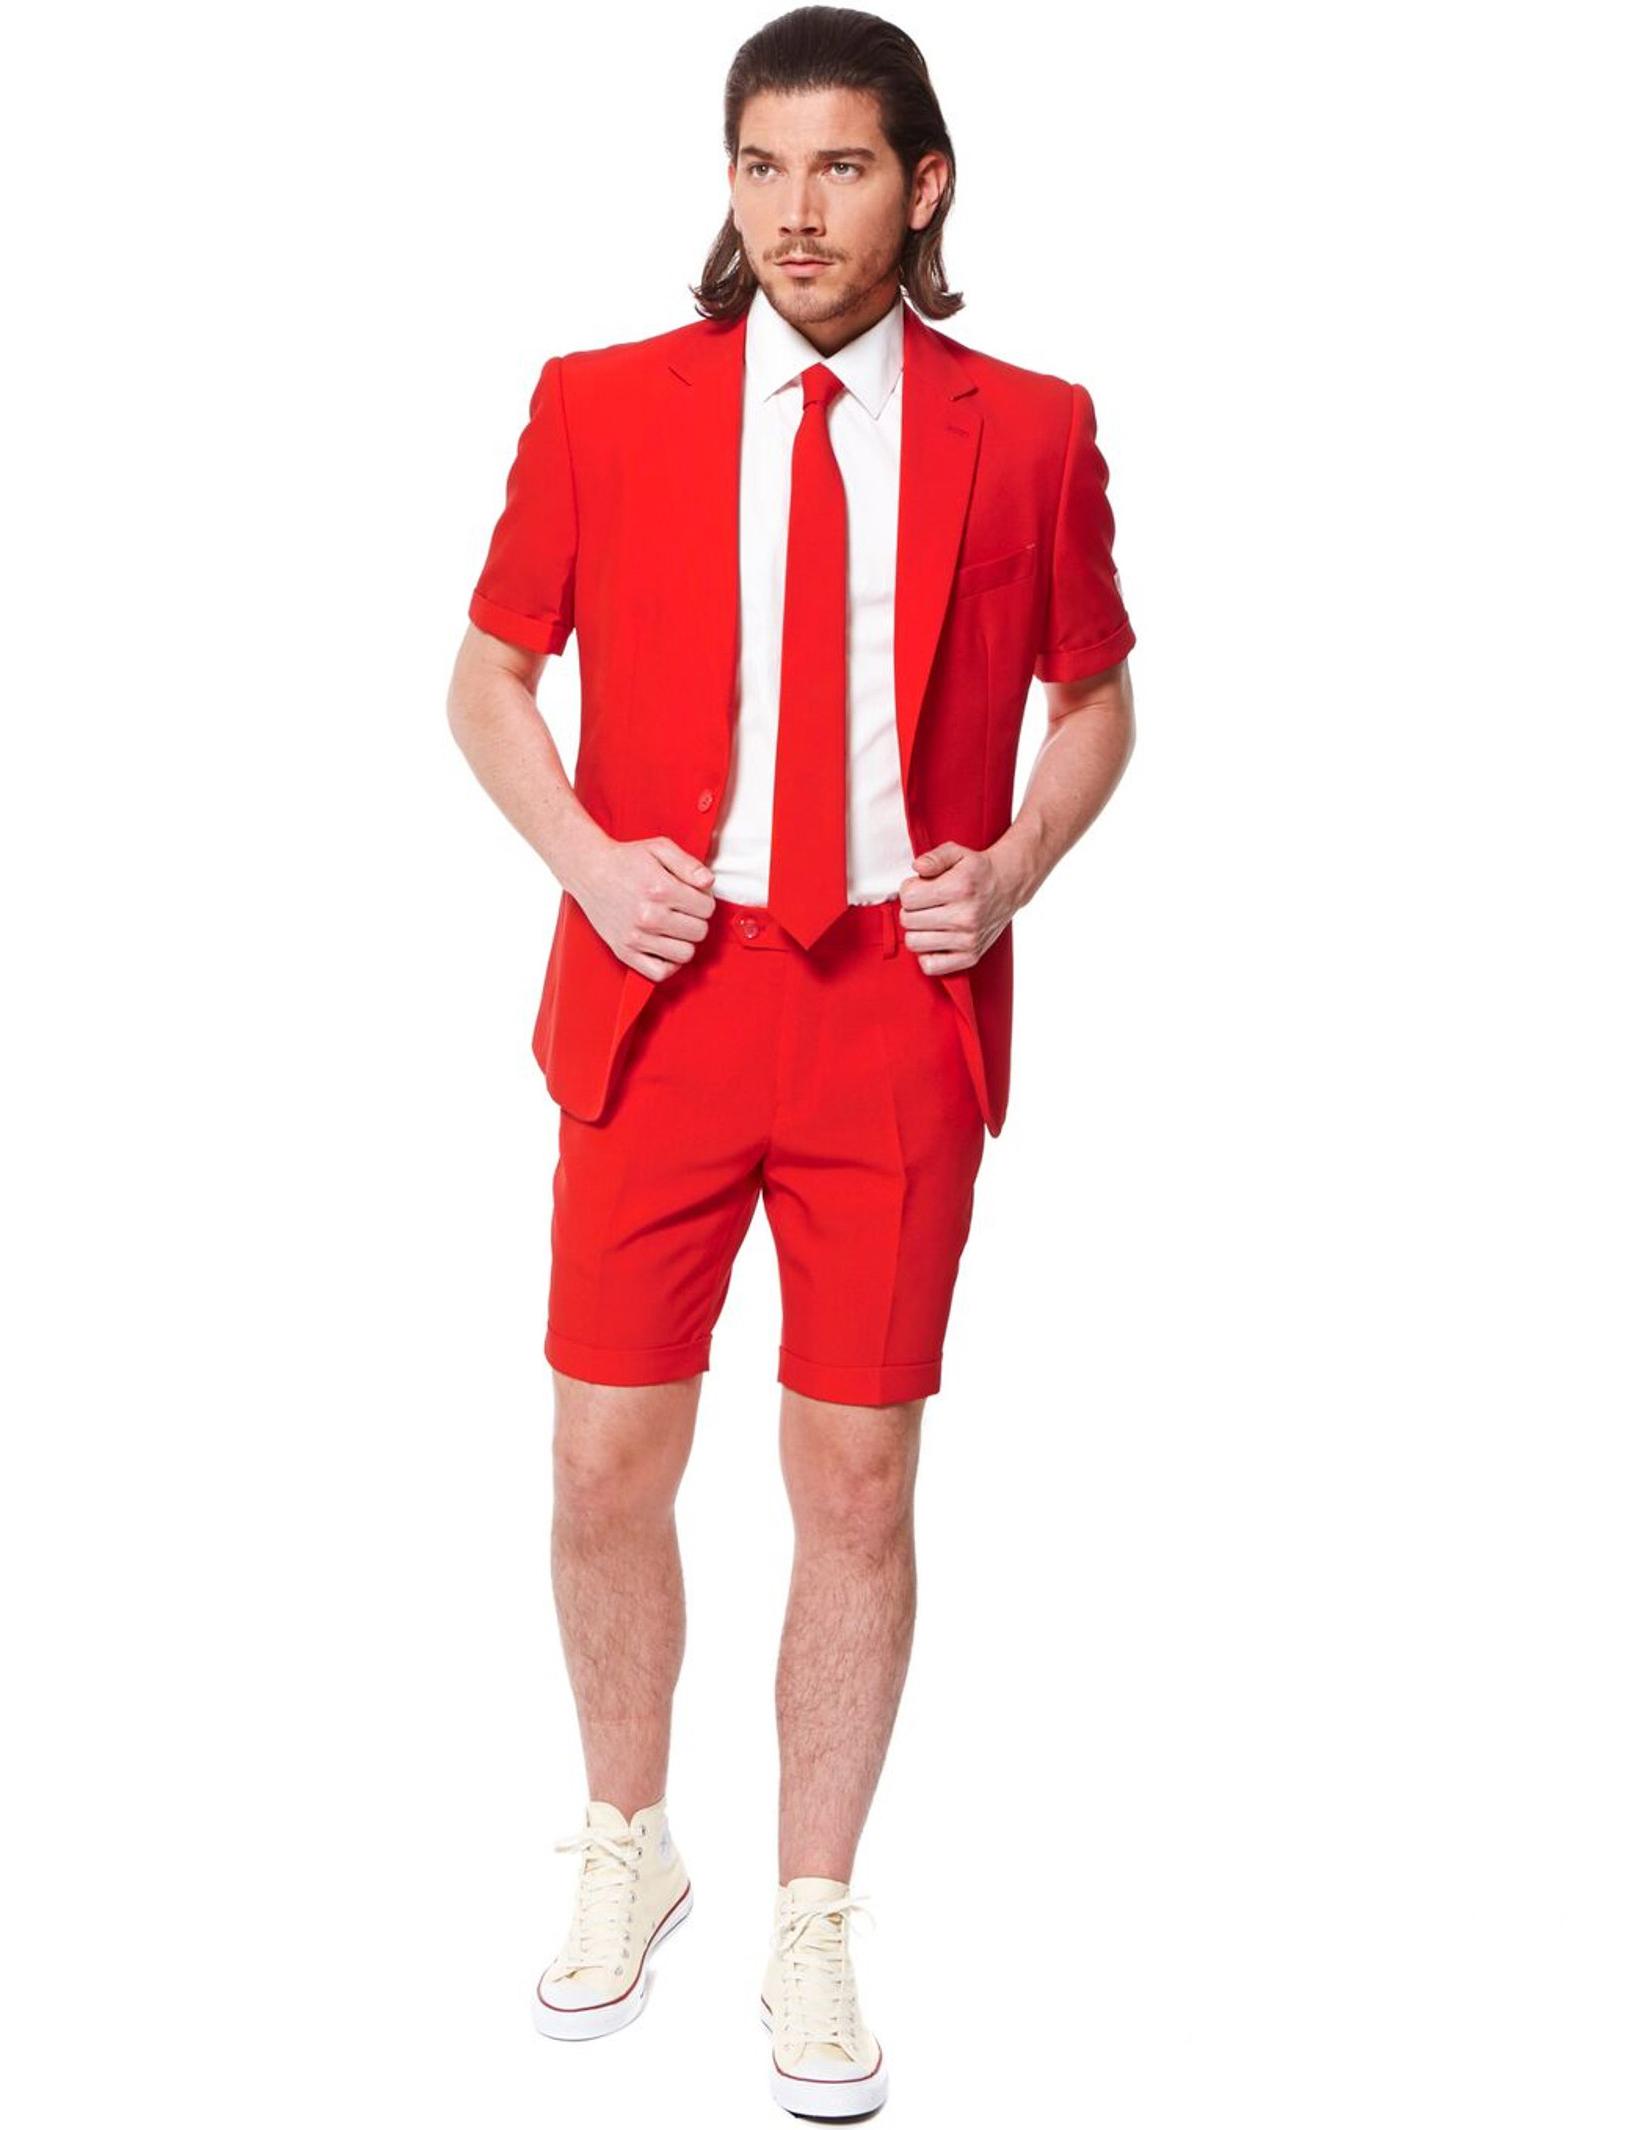 Costume d 39 t mr rouge homme opposuits deguise toi achat de d guisements adultes - Costume homme ete ...